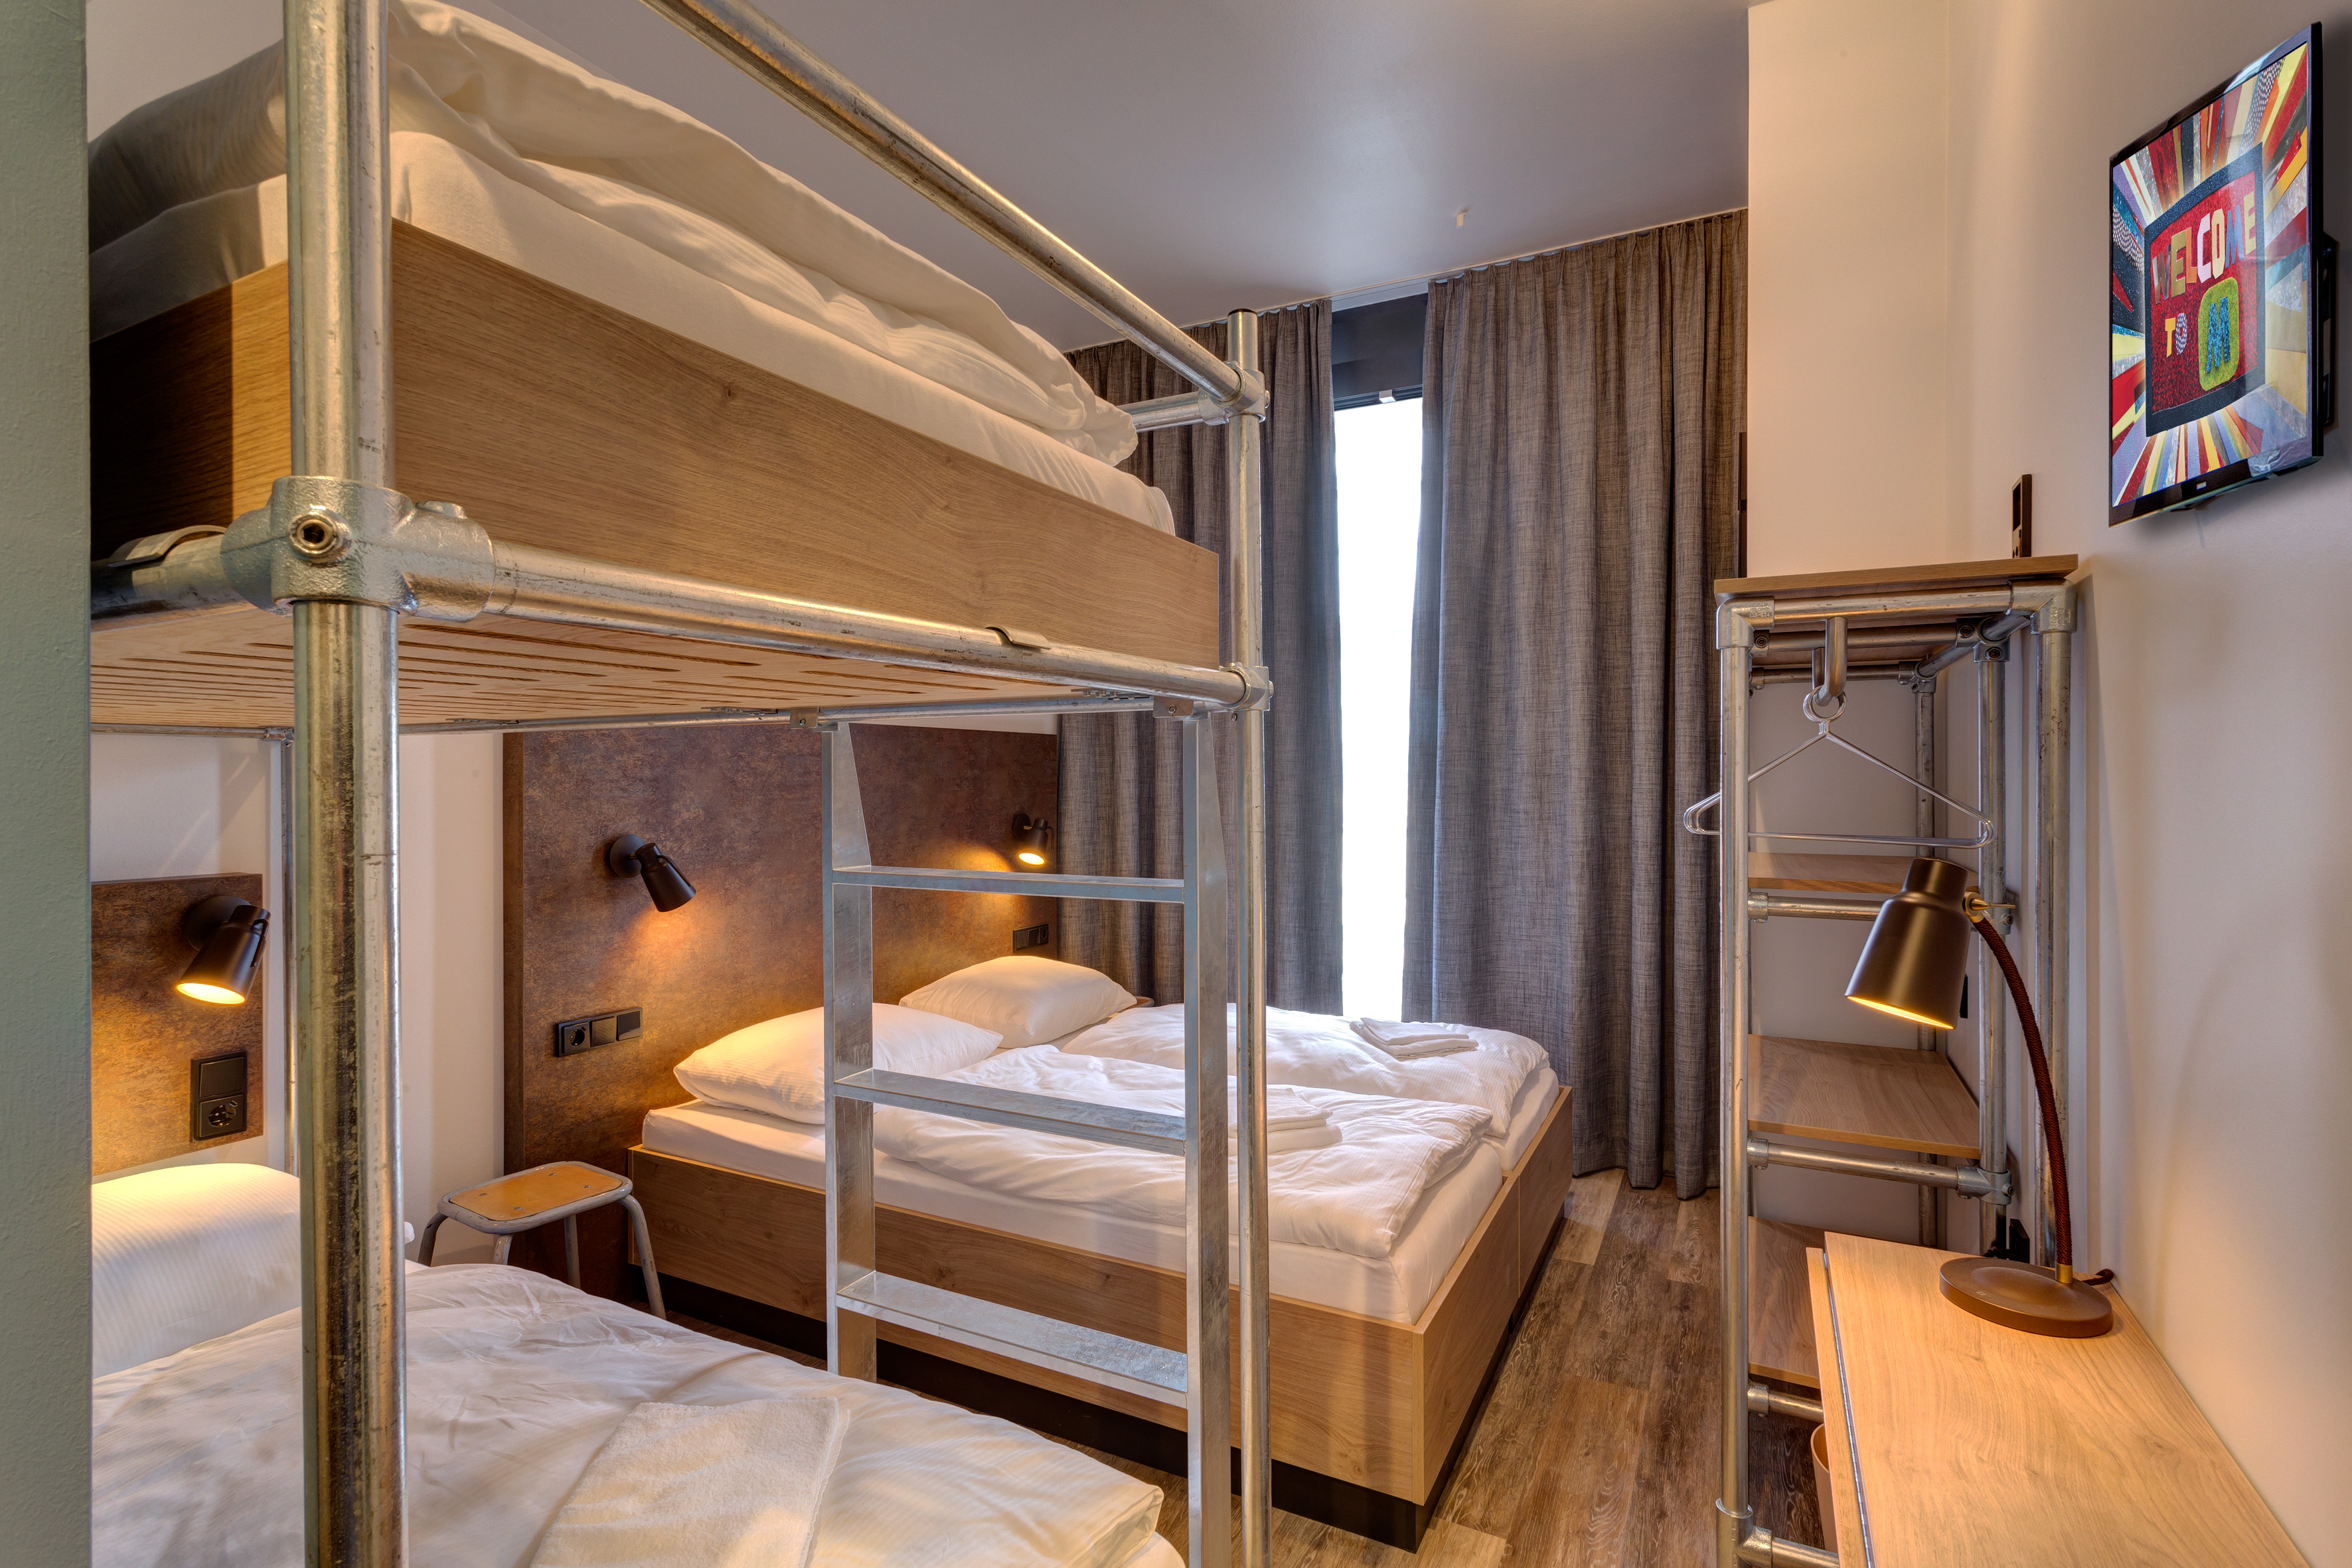 Die MEININGER Gruppe hat sechstes Hotel in Berlin eröffnet